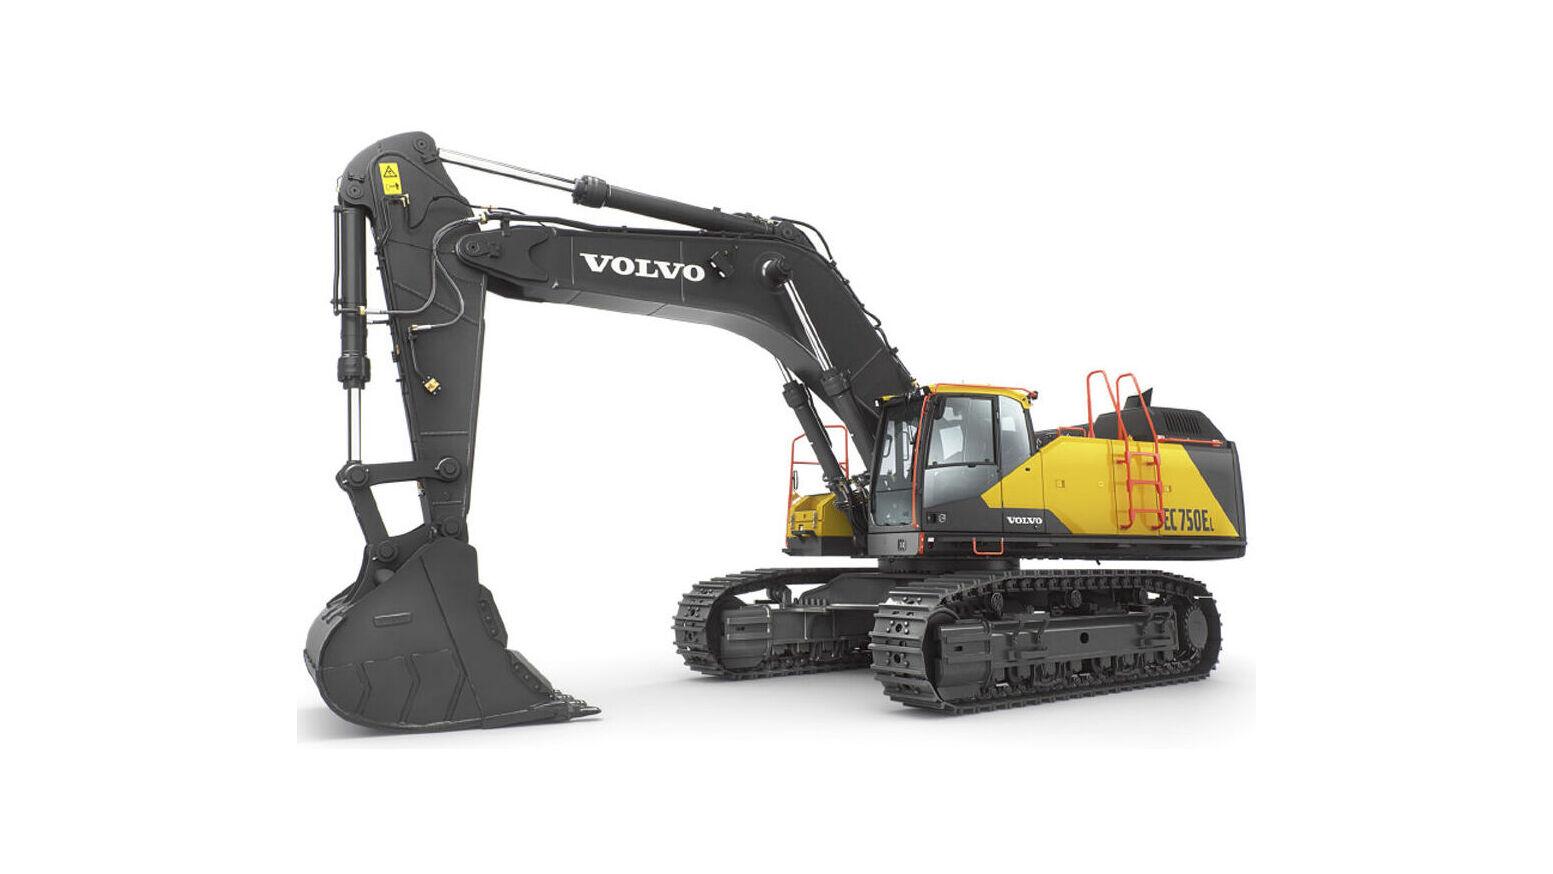 Productiviteitsverhoging met Volvo EC750E graafmachine - SMT